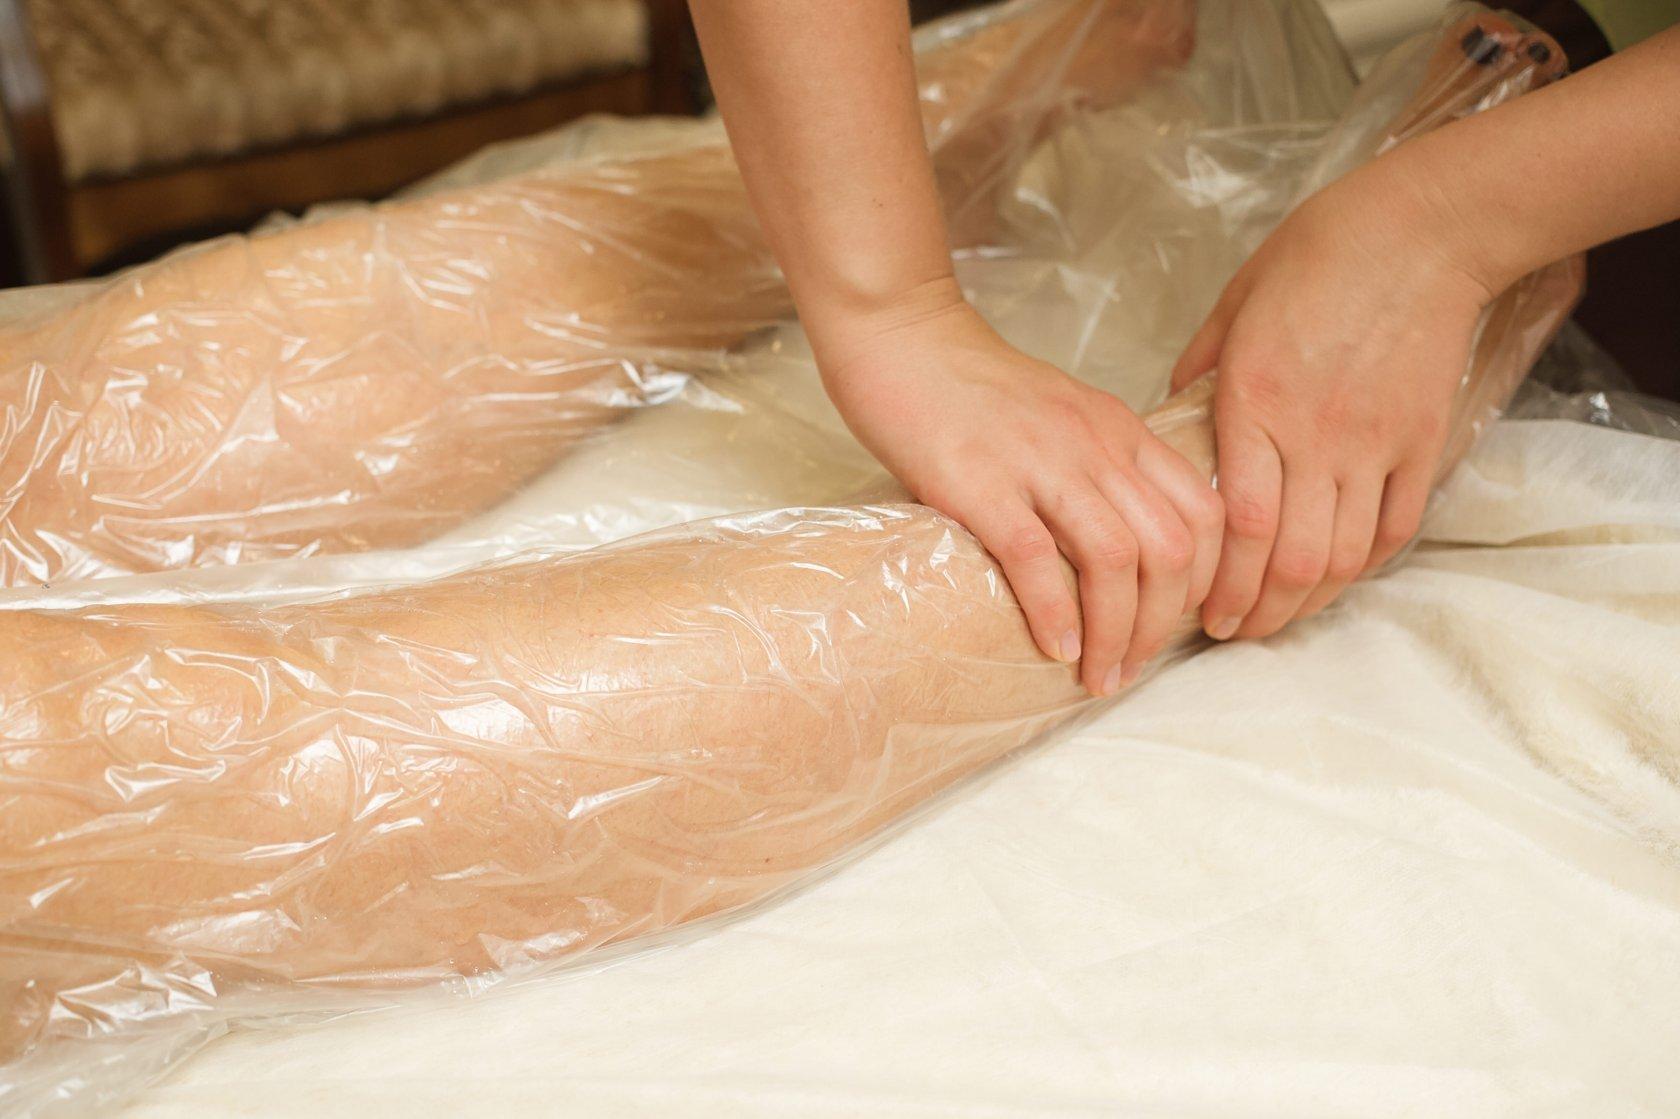 Обертывания Тела Для Похудения В Салонах. Самые эффективные обертывания в домашних условиях